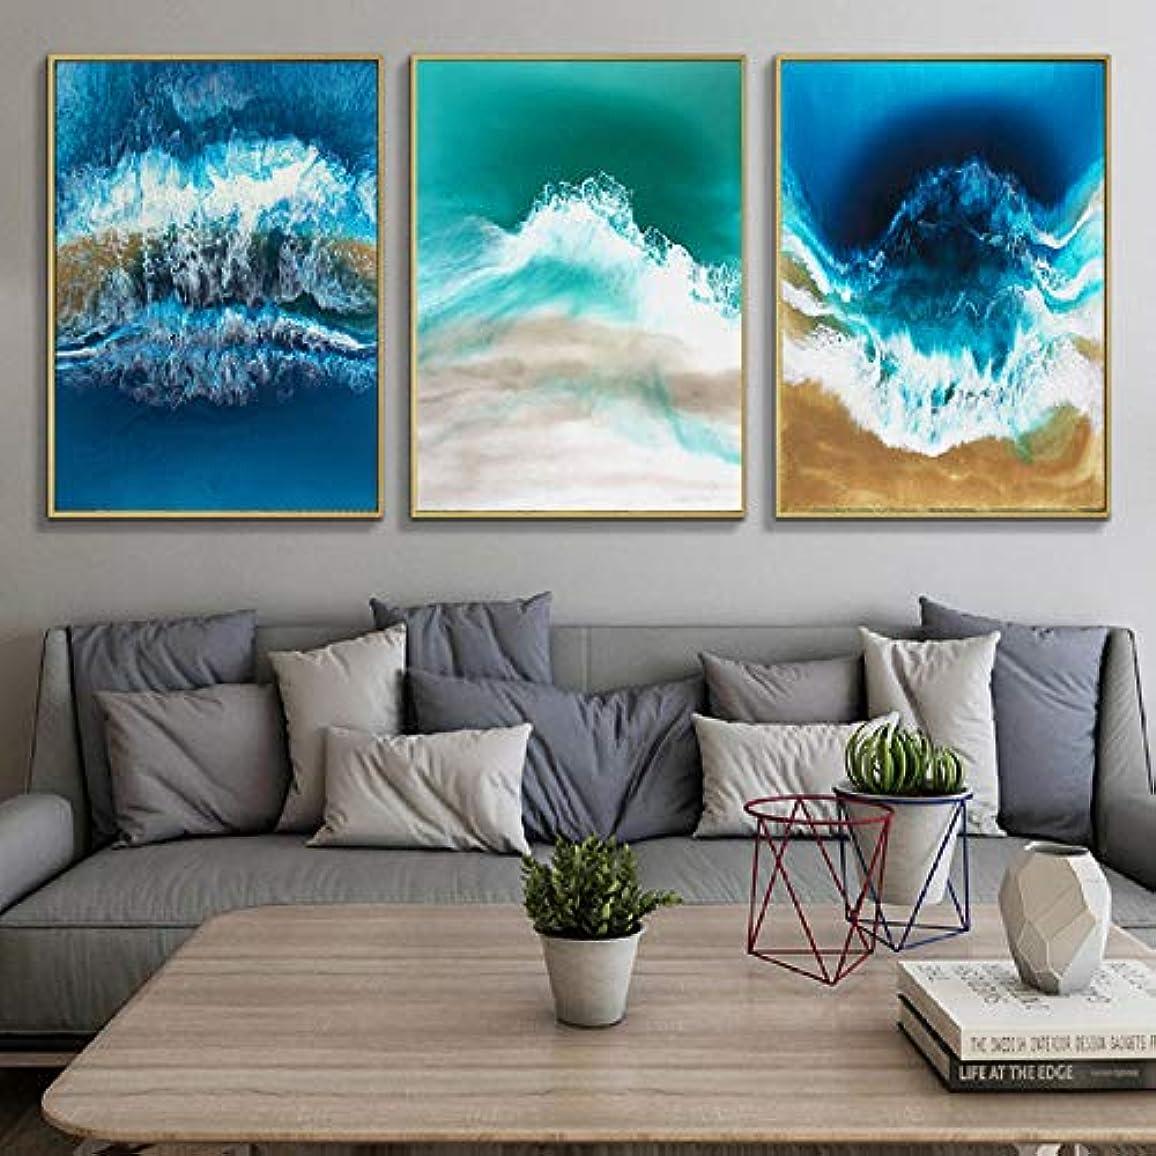 パパ建設落ちた北欧ポスタープリントキャンバス絵画ポップアート抽象海景波壁アート写真用リビングルーム-40x60cmx3 /なしフレーム